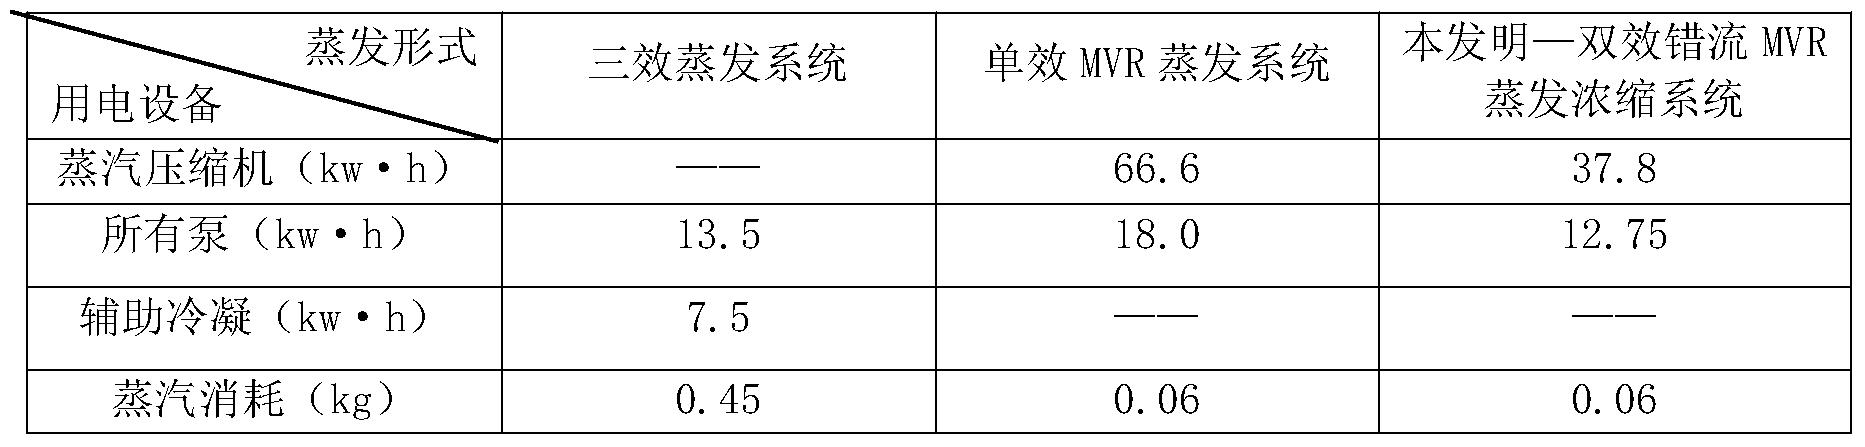 Figure PCTCN2016071168-appb-000003